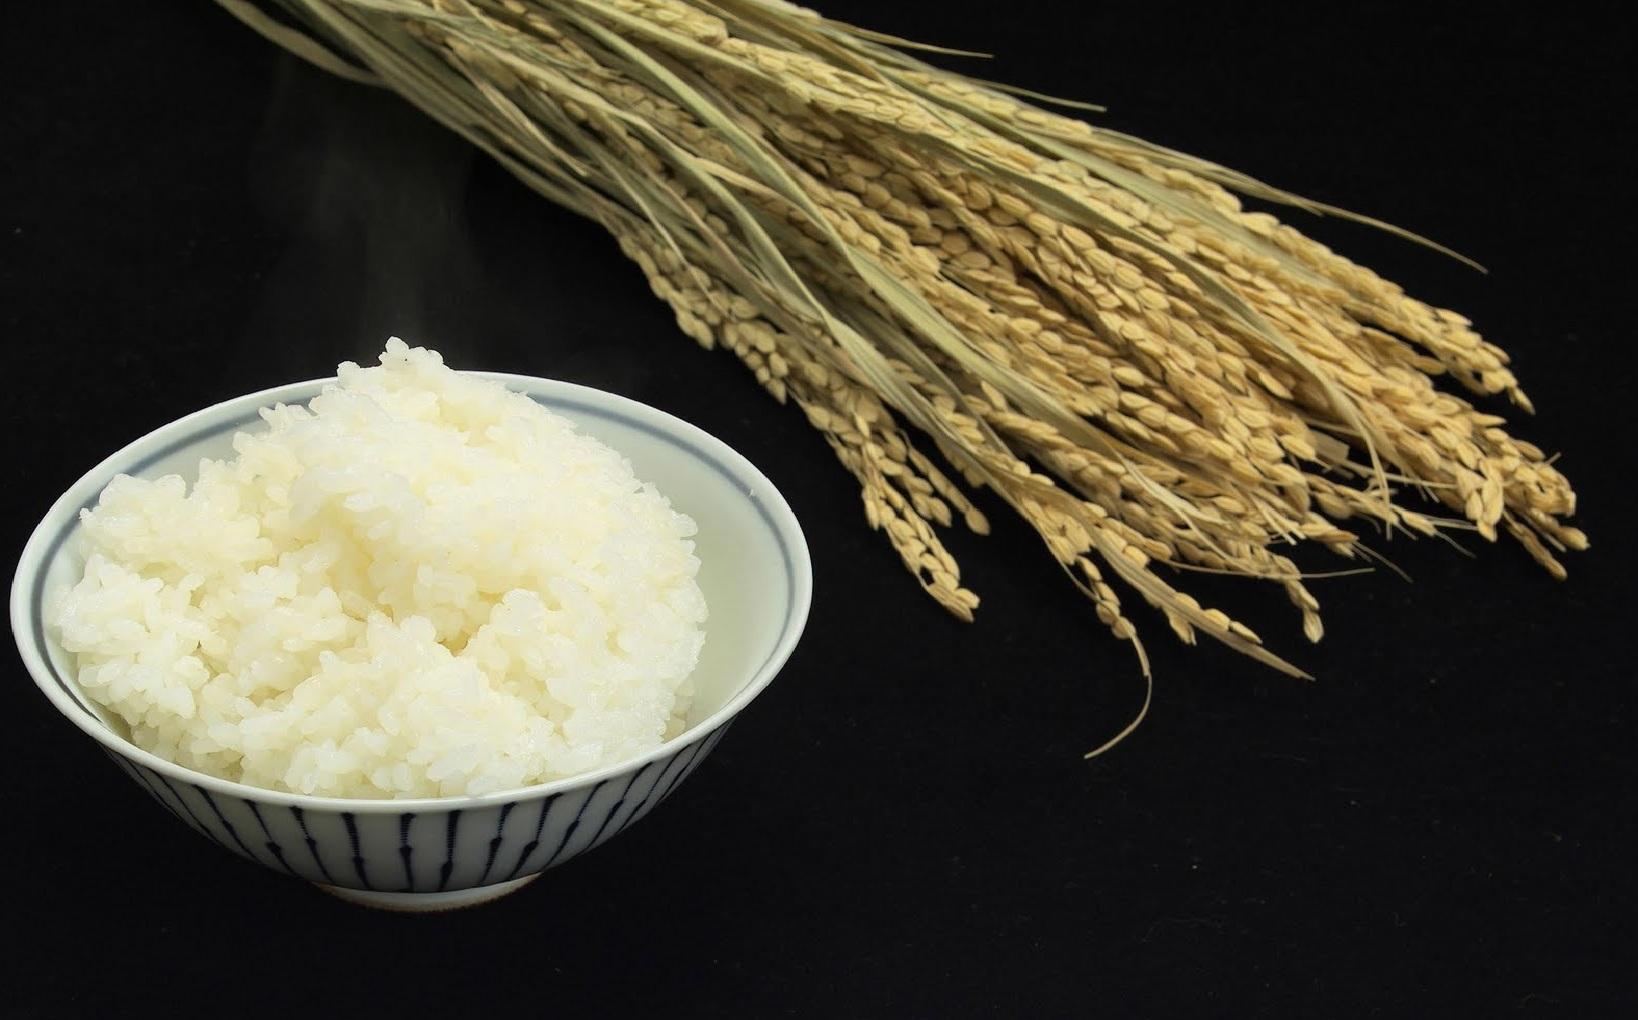 как приготовить правильно рис для роллов в домашних условиях